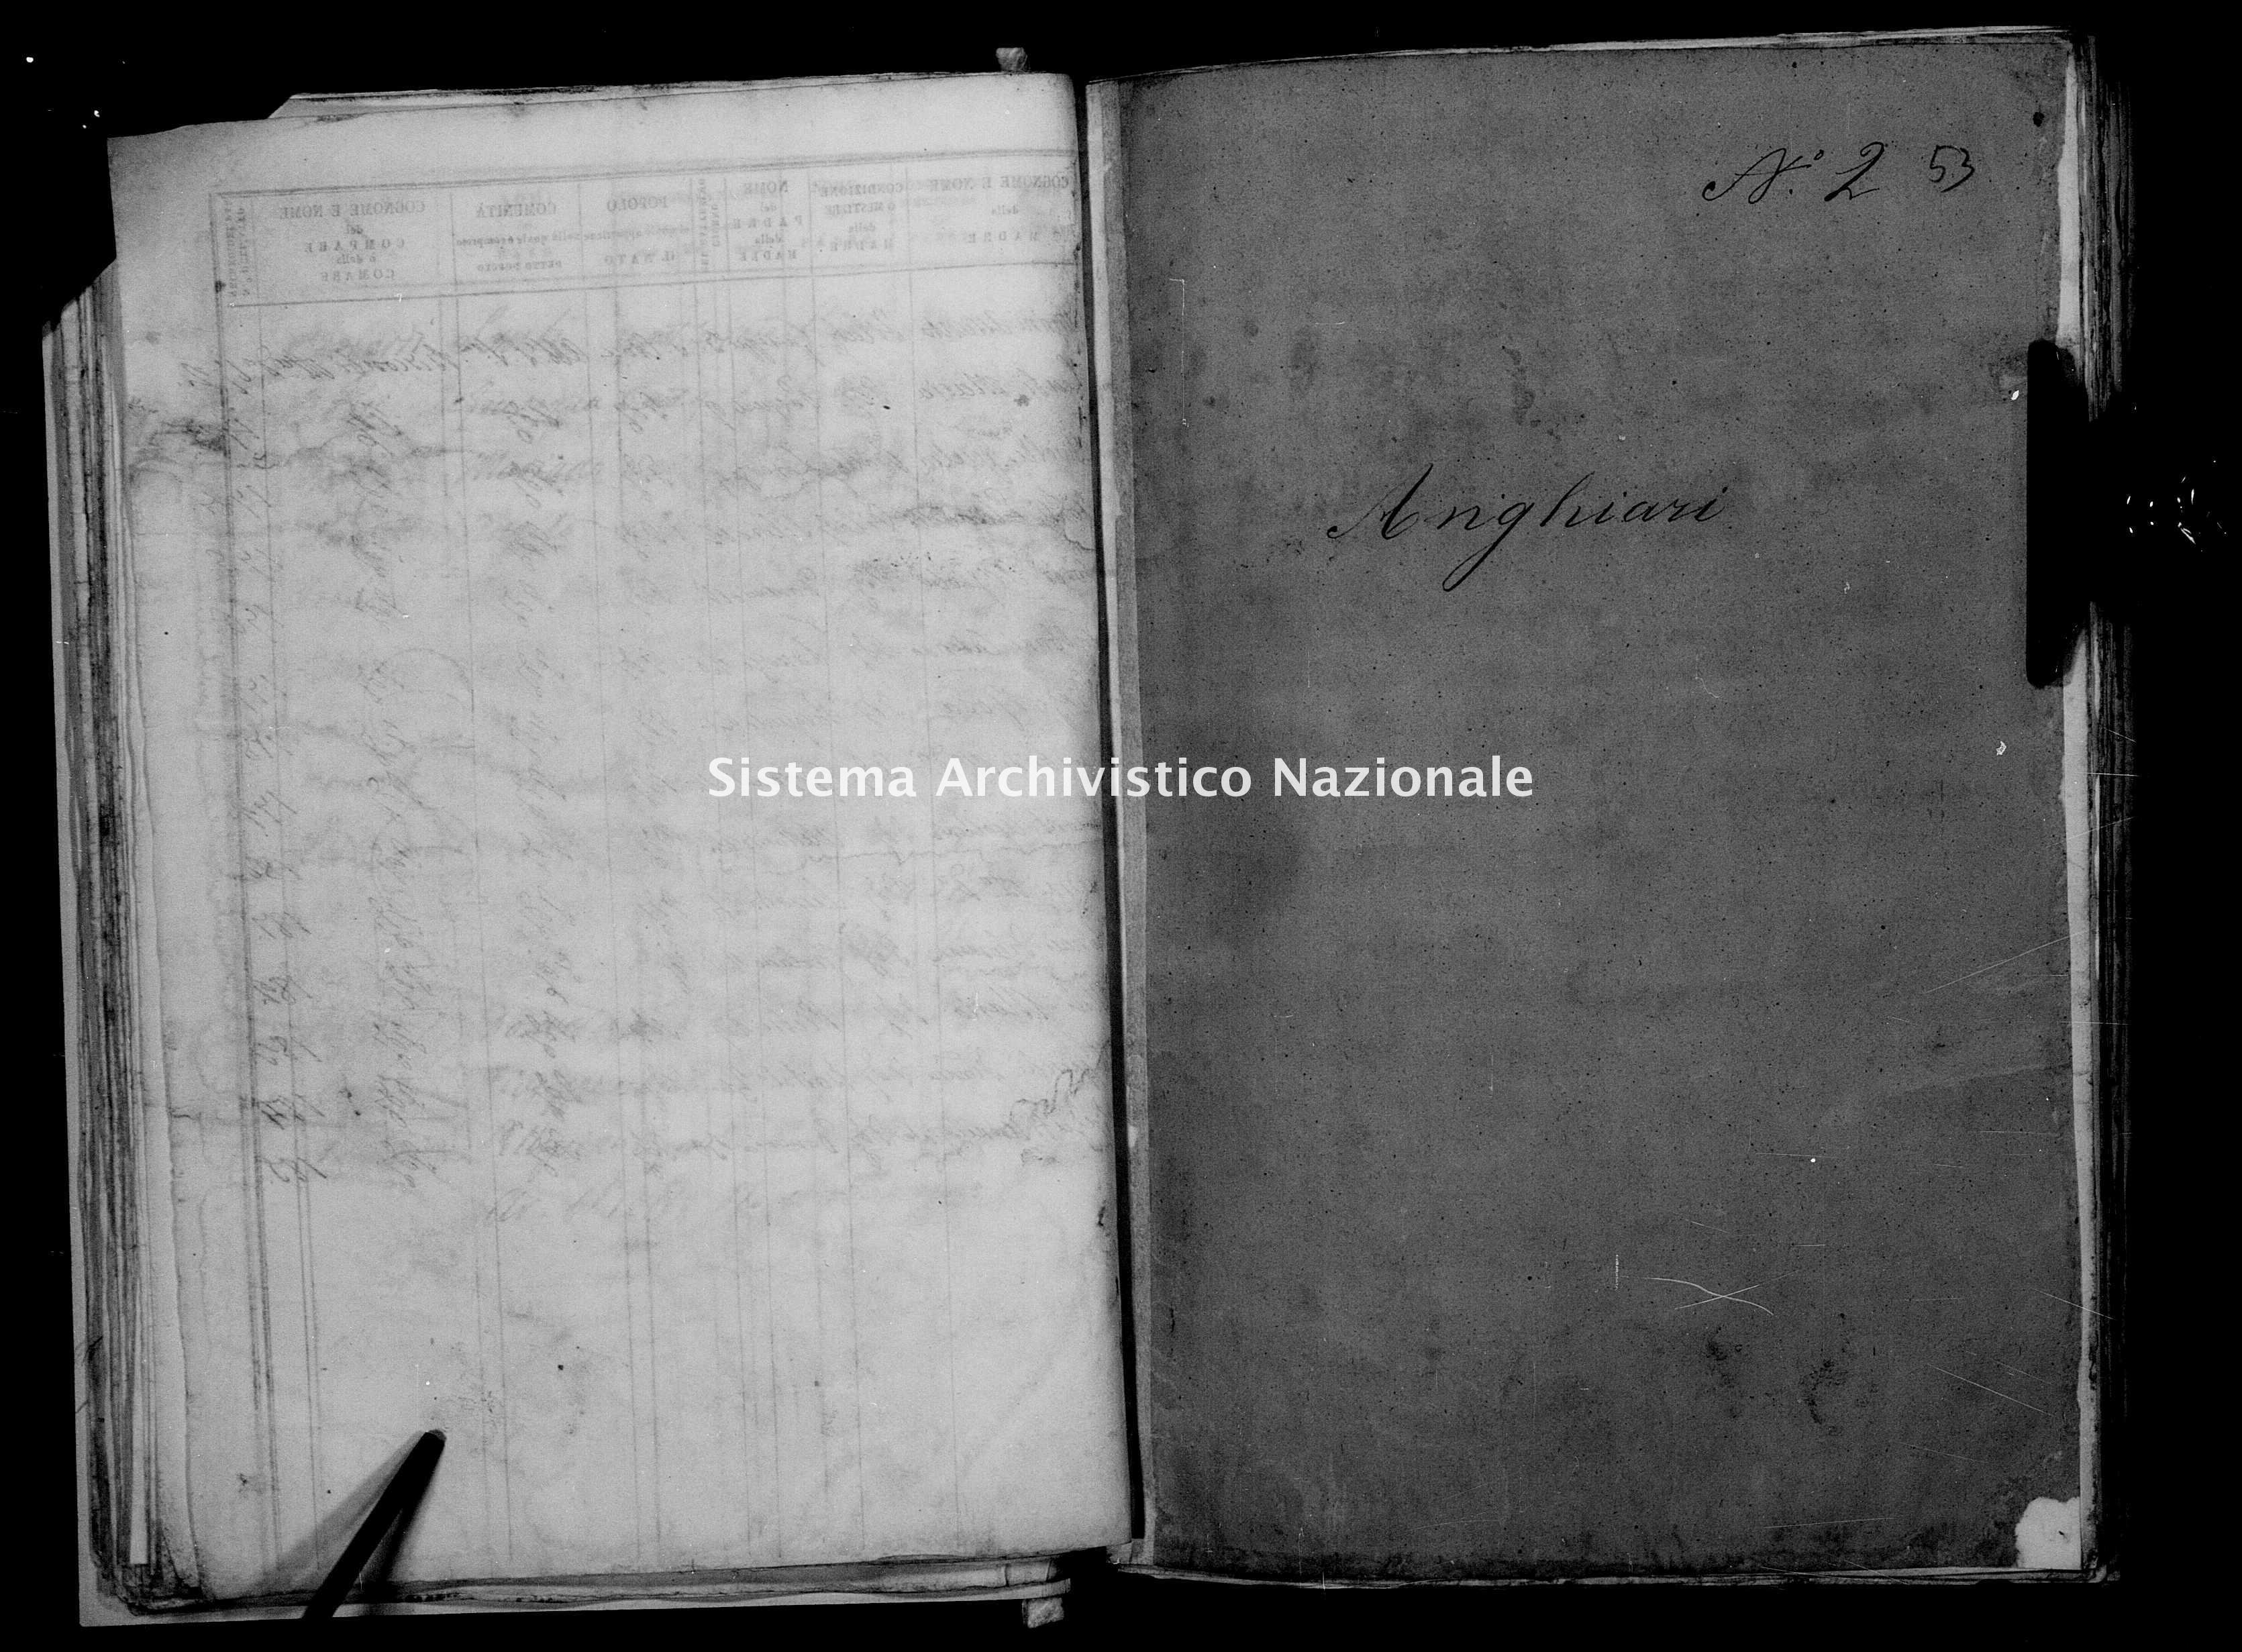 Archivio di stato di Firenze - Stato civile del circondario di Firenze (1866-1965) - Anghiari - Nati - 1862 - 1395 -